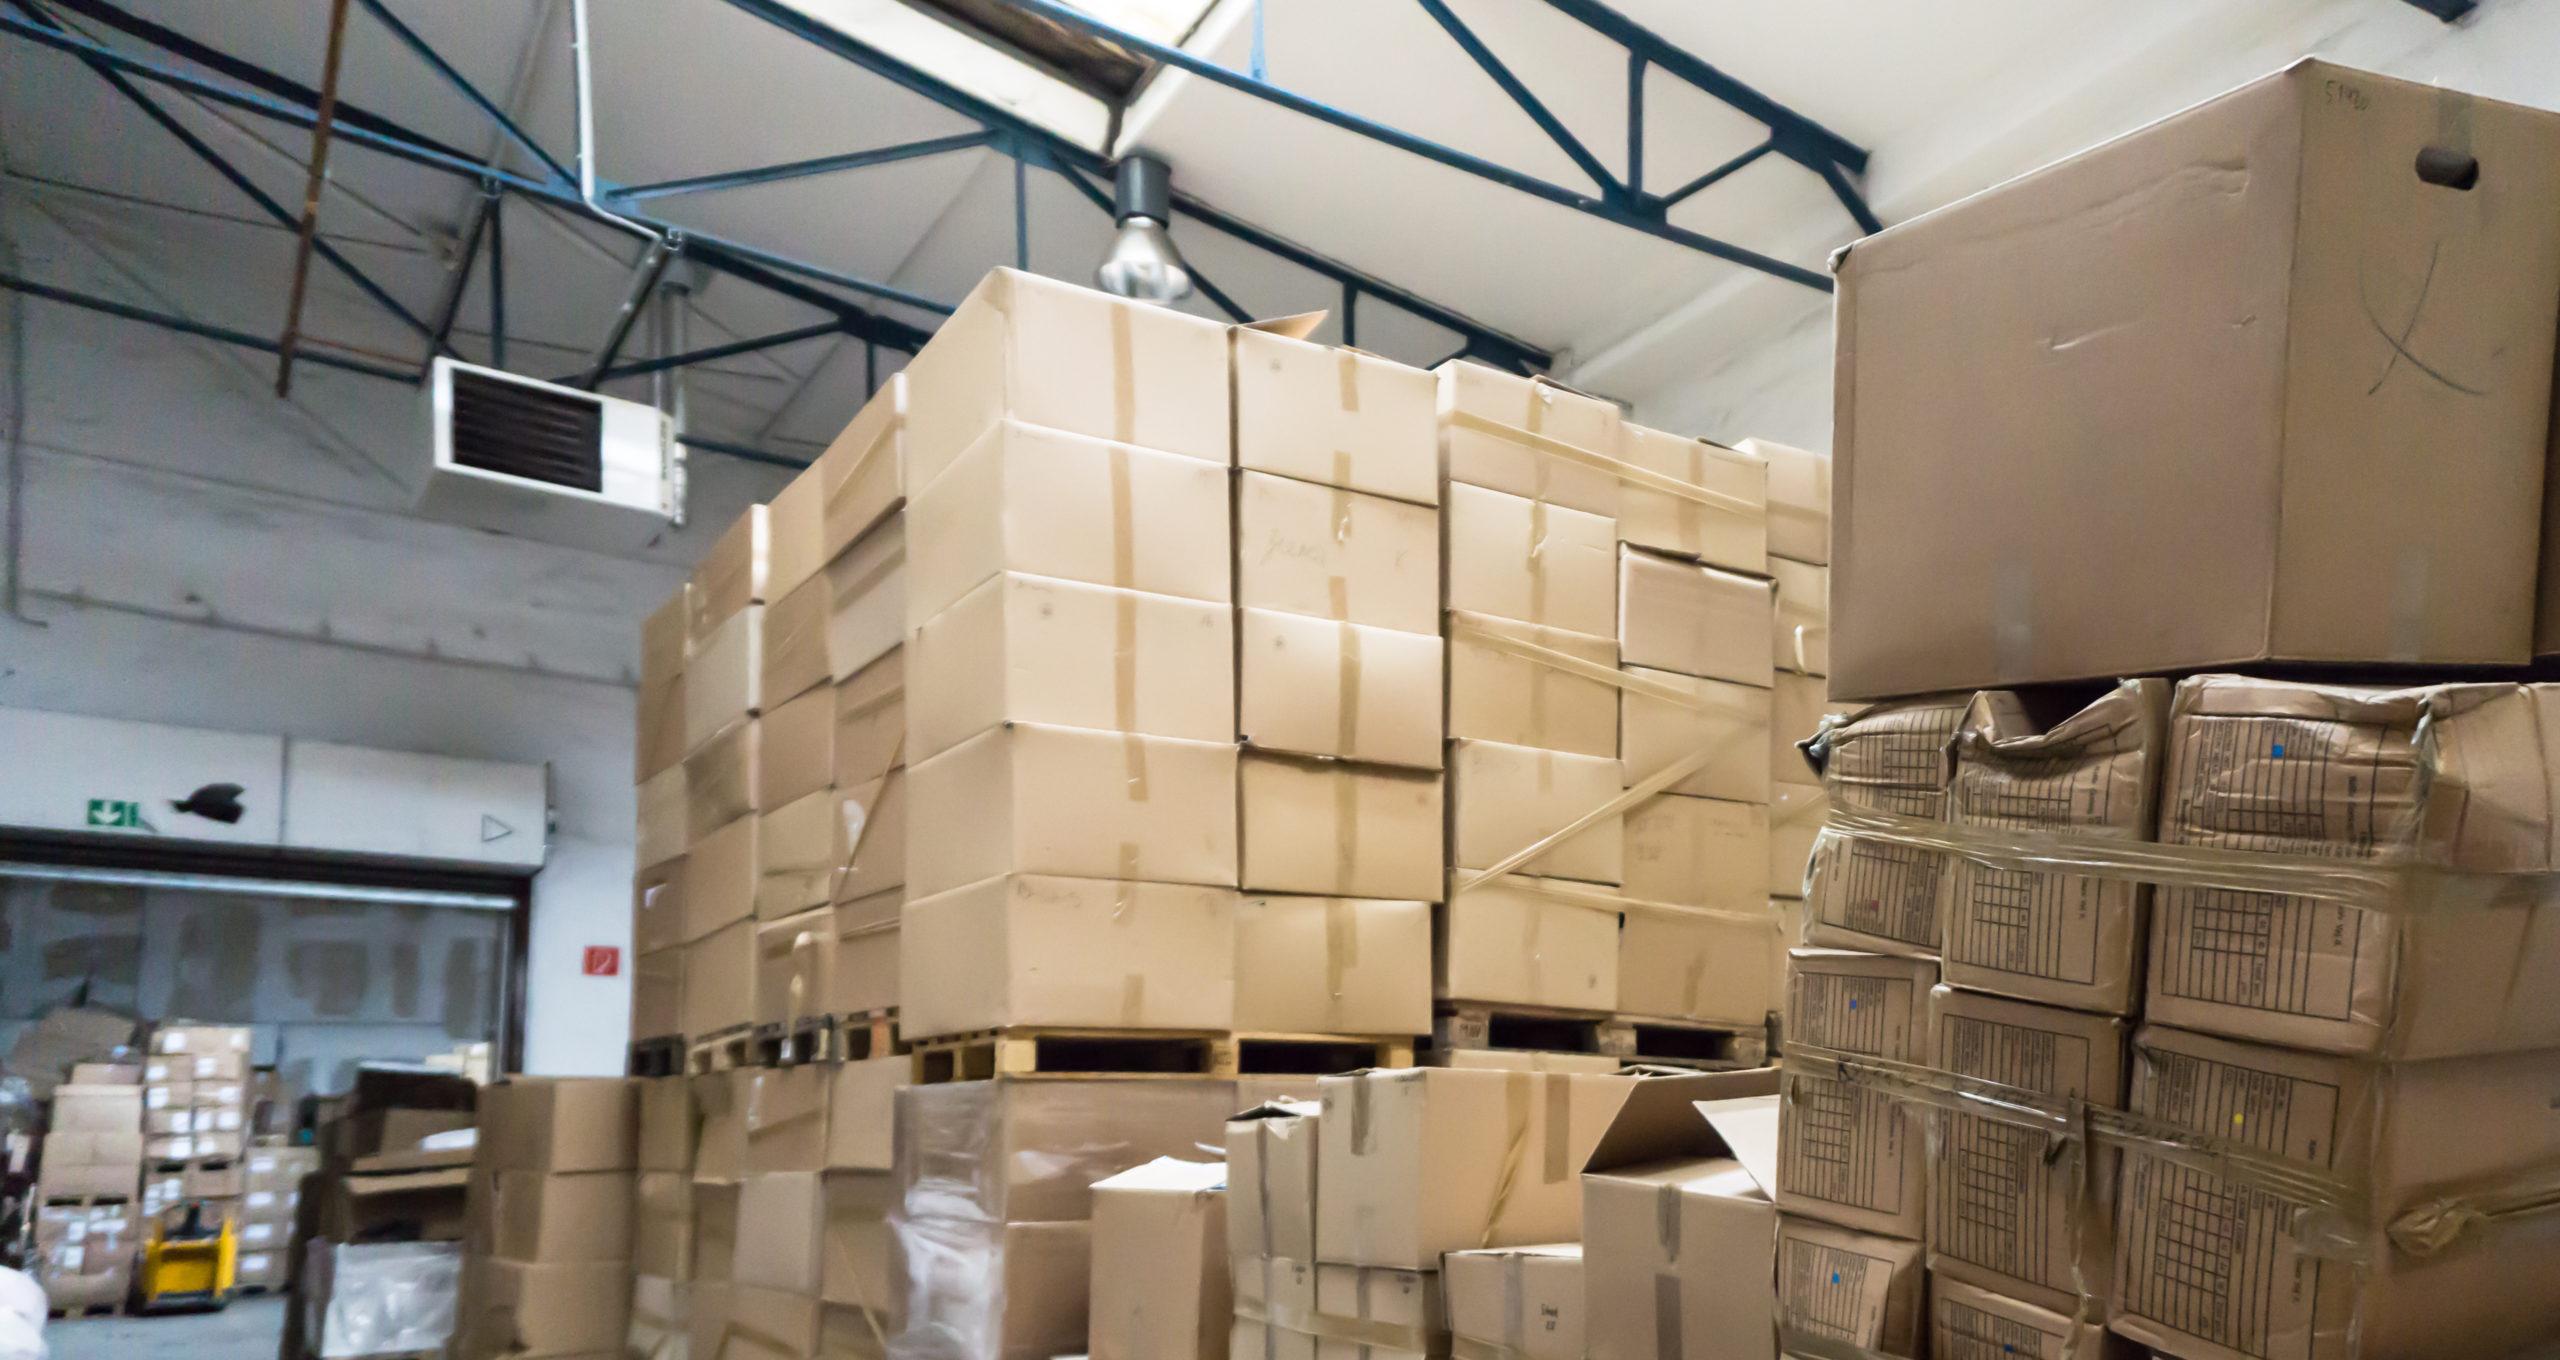 Qu'est-ce que l'optimisation d'entrepôt et pourquoi est-ce important?